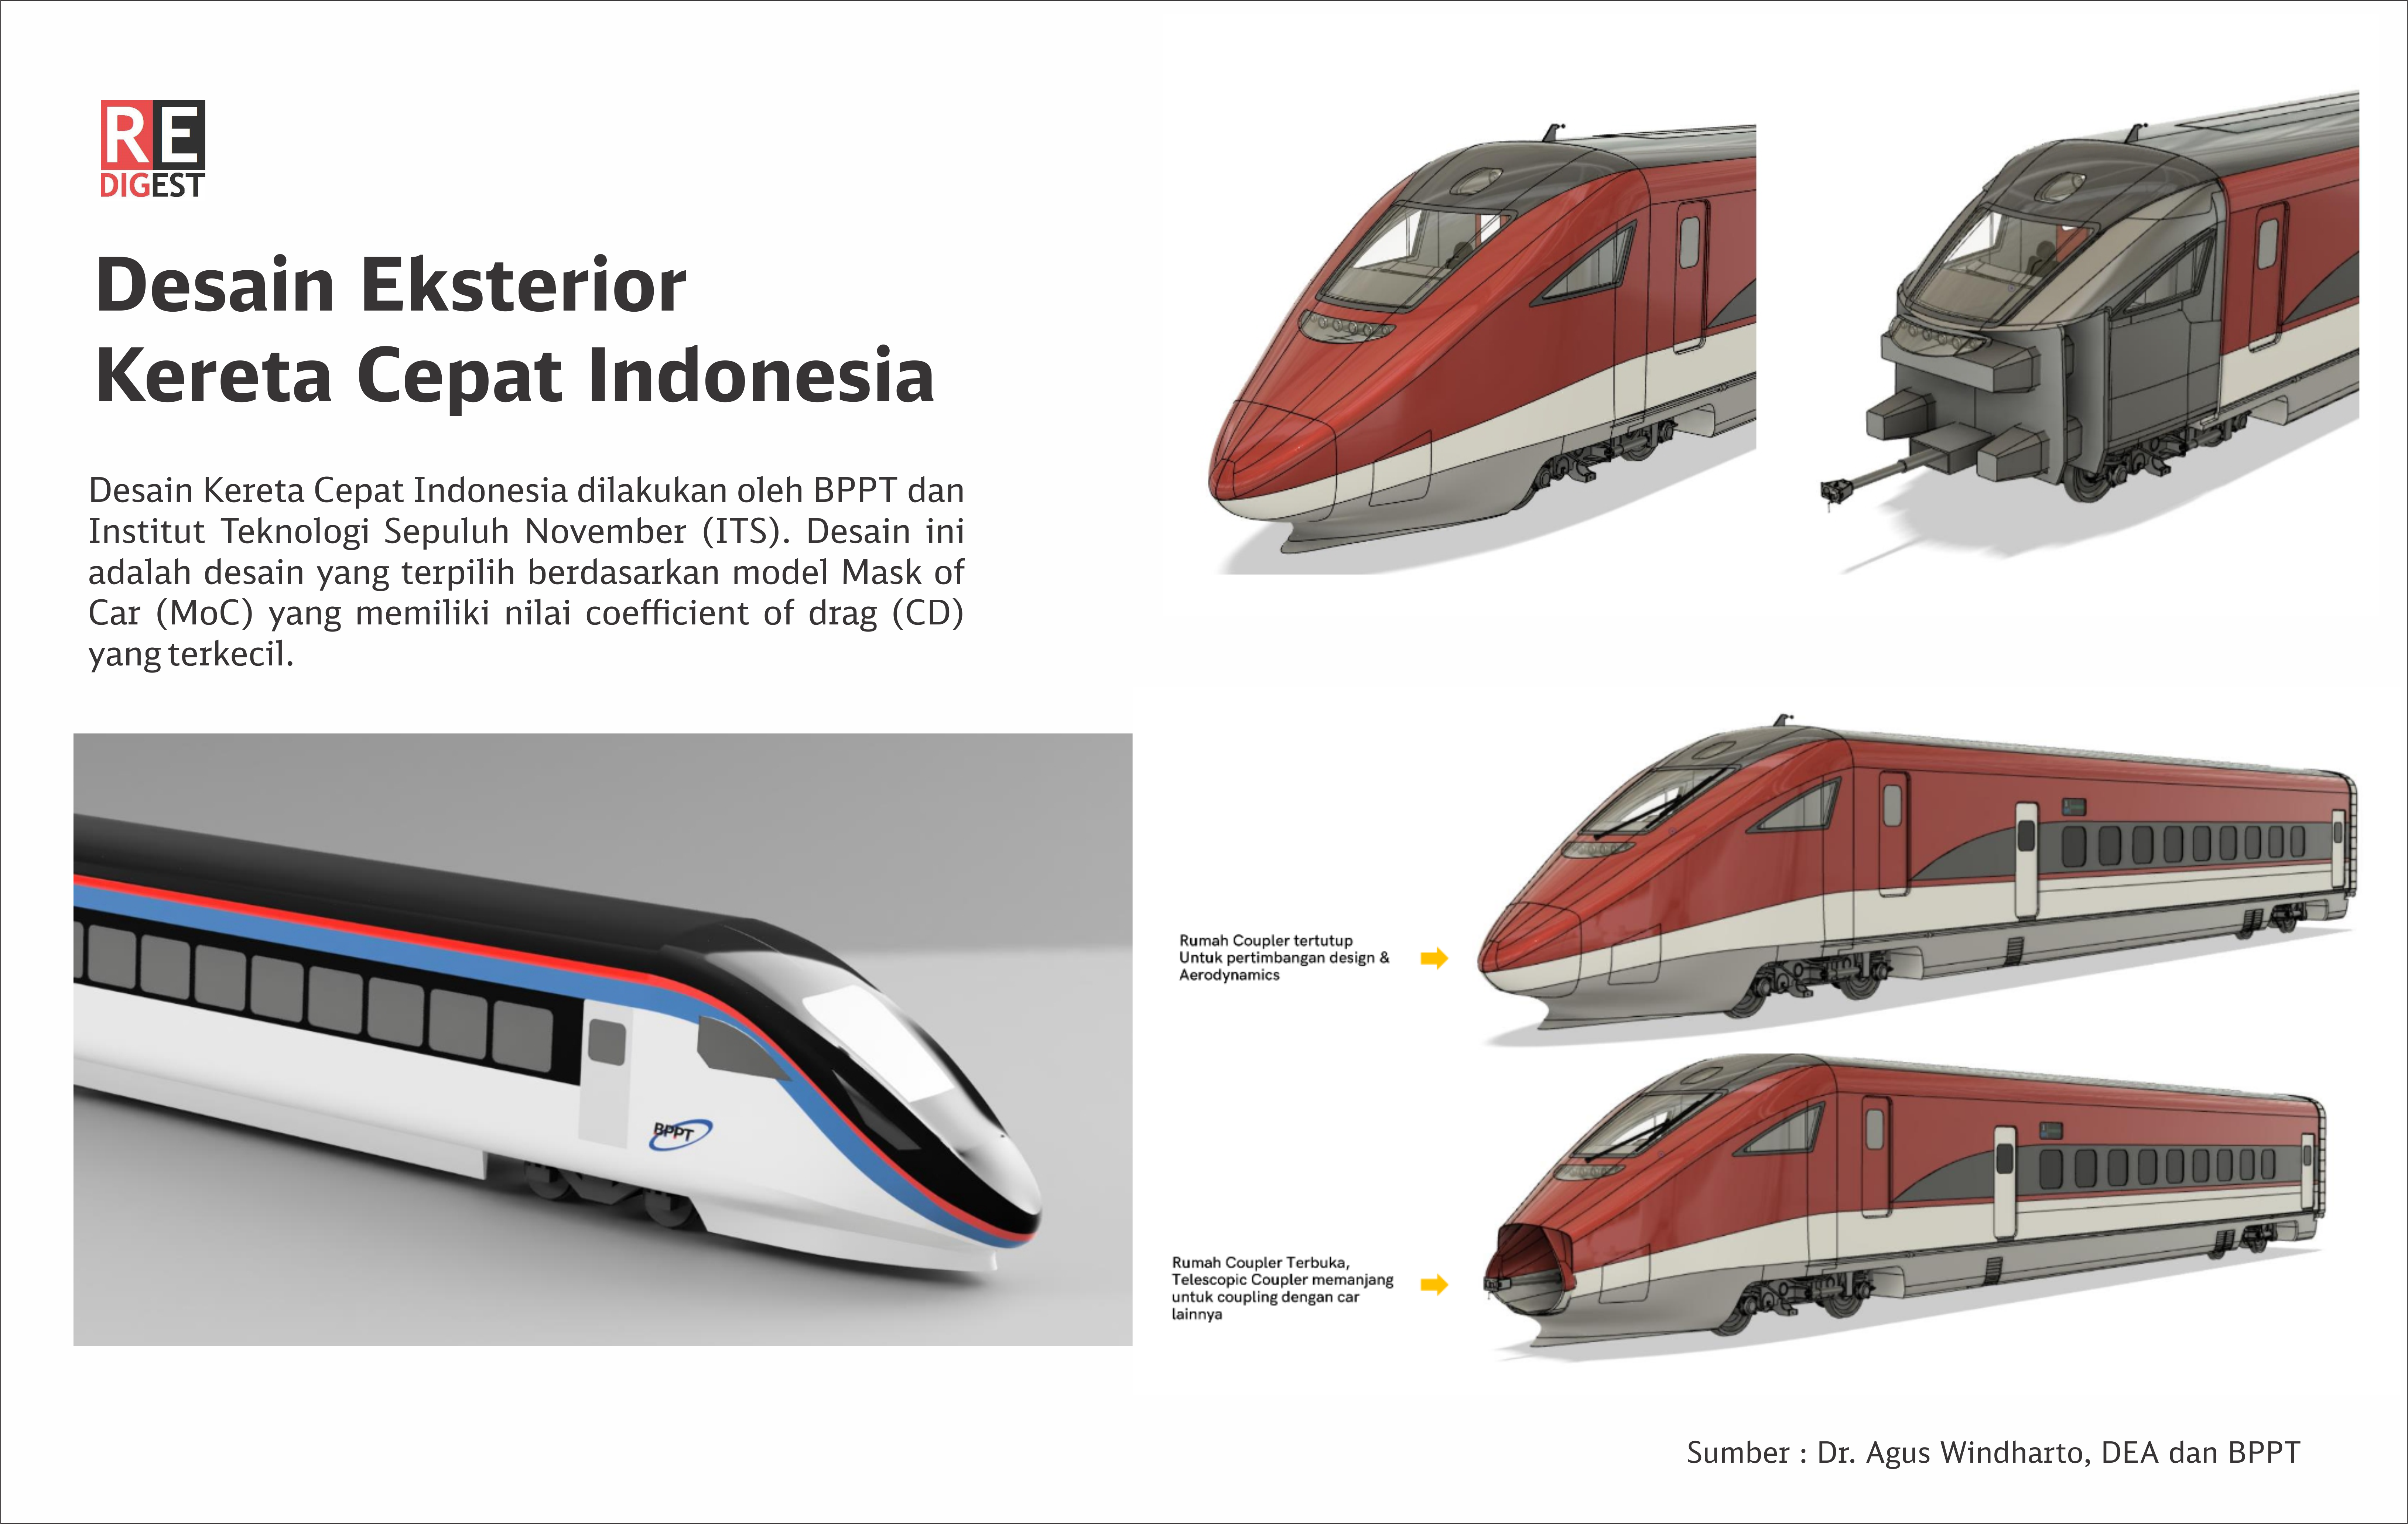 Desain Eksterior Kereta Cepat Indonesia Model ITS dan BPPT   Infografis Oleh Tim REDaksi